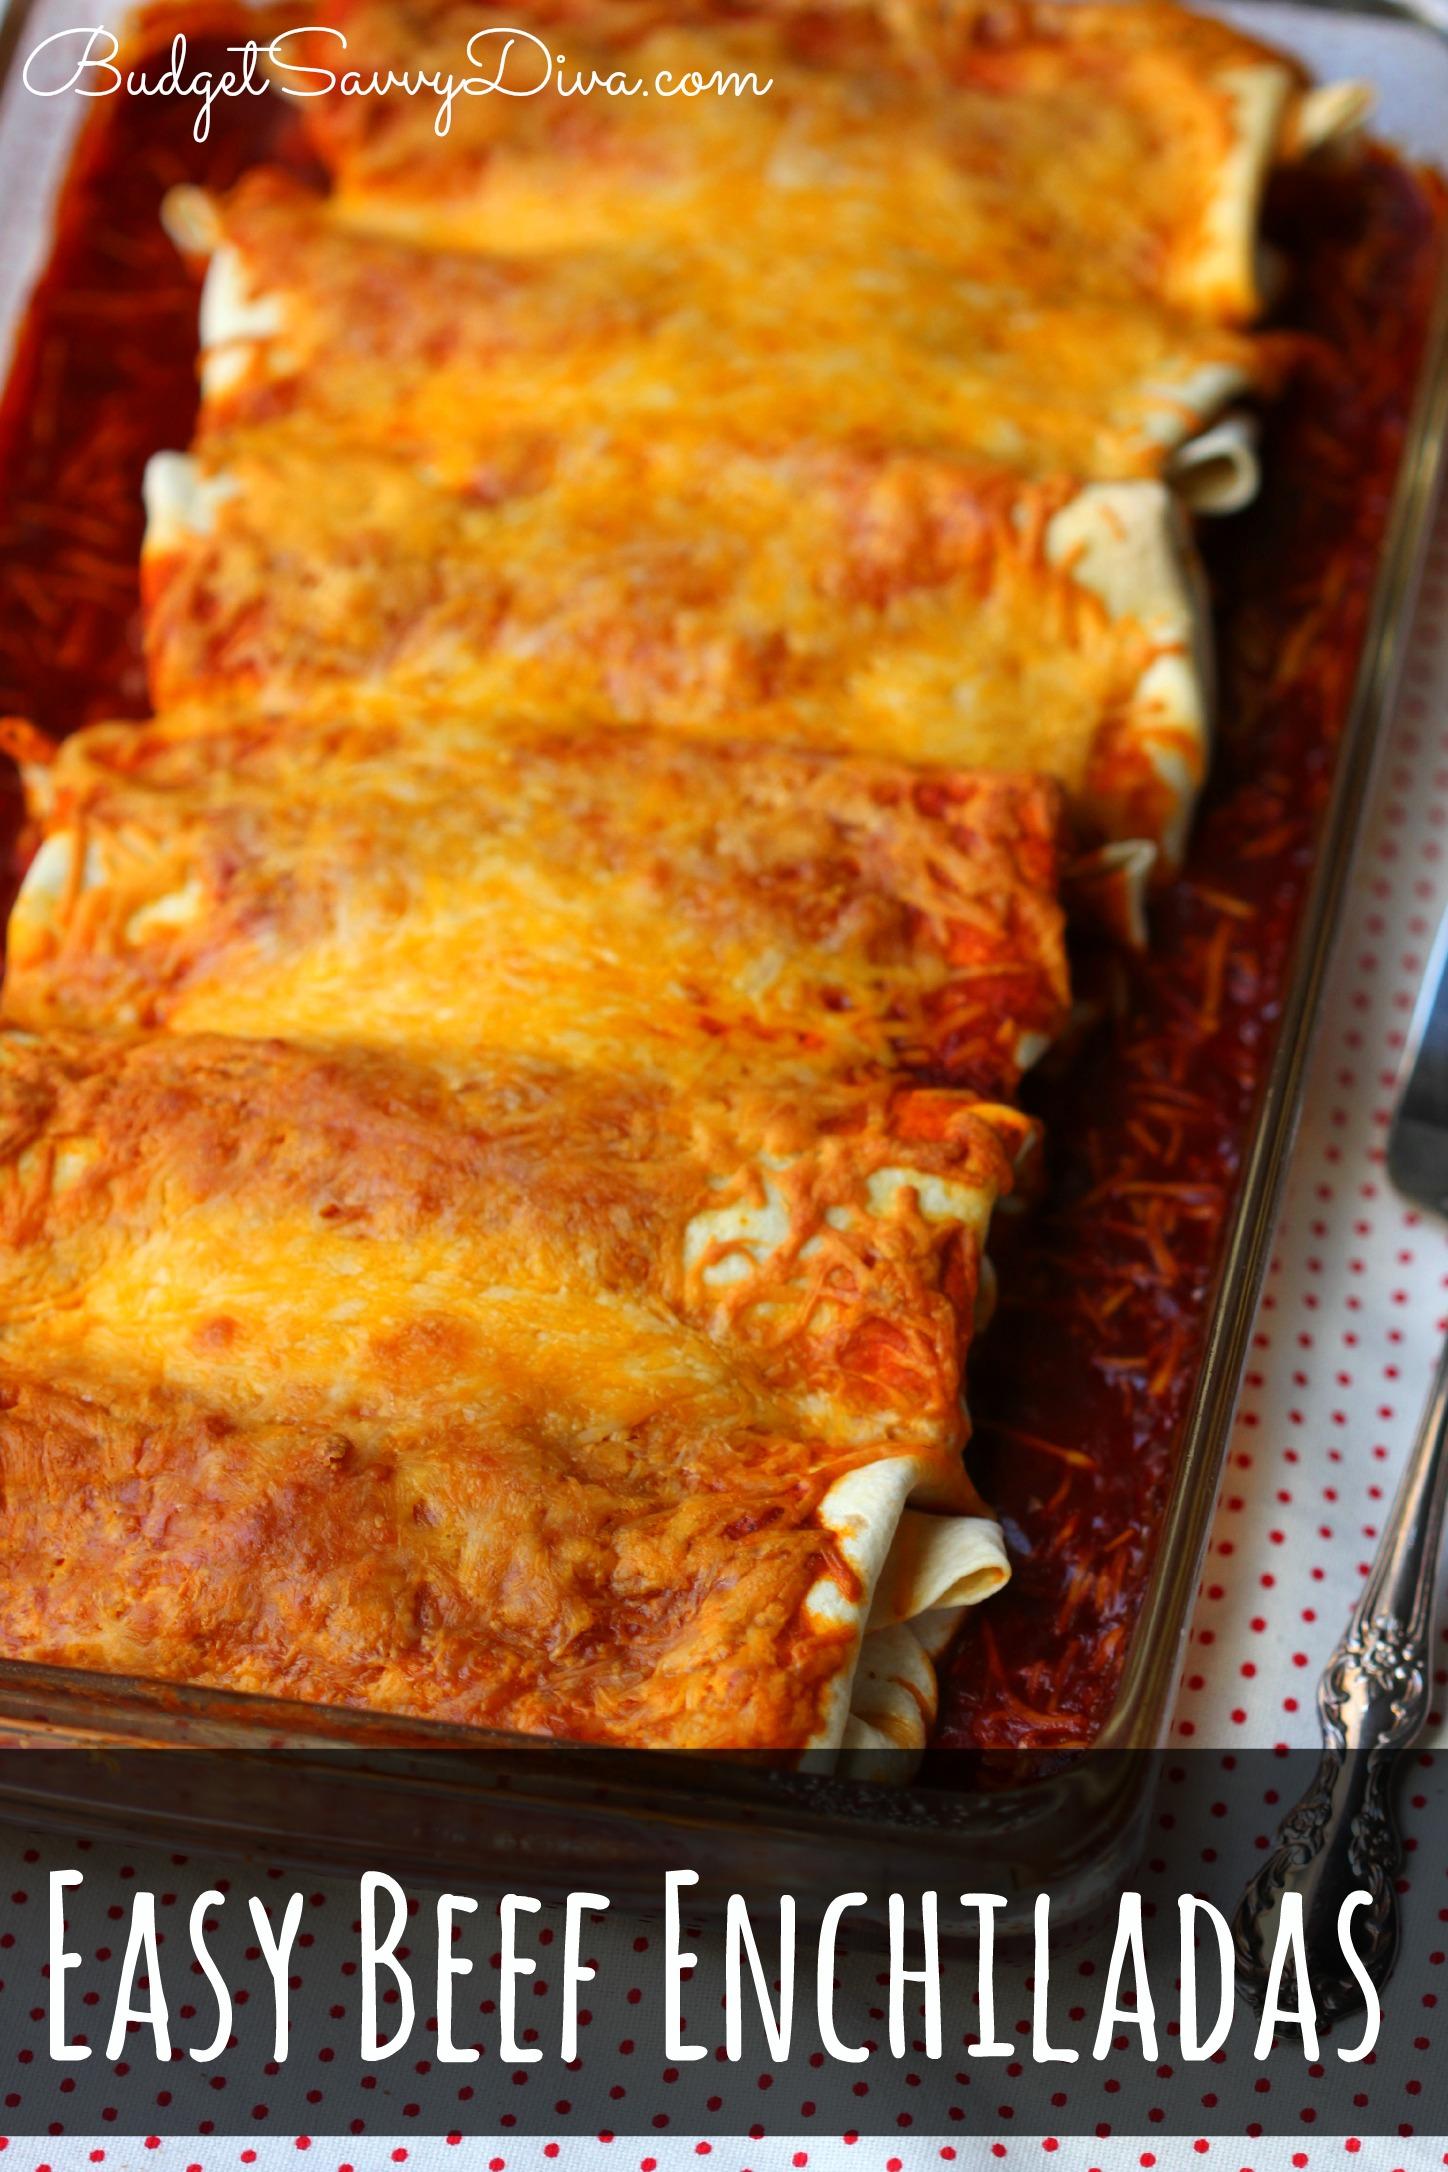 Easy Beef Enchiladas Recipe   Budget Savvy Diva